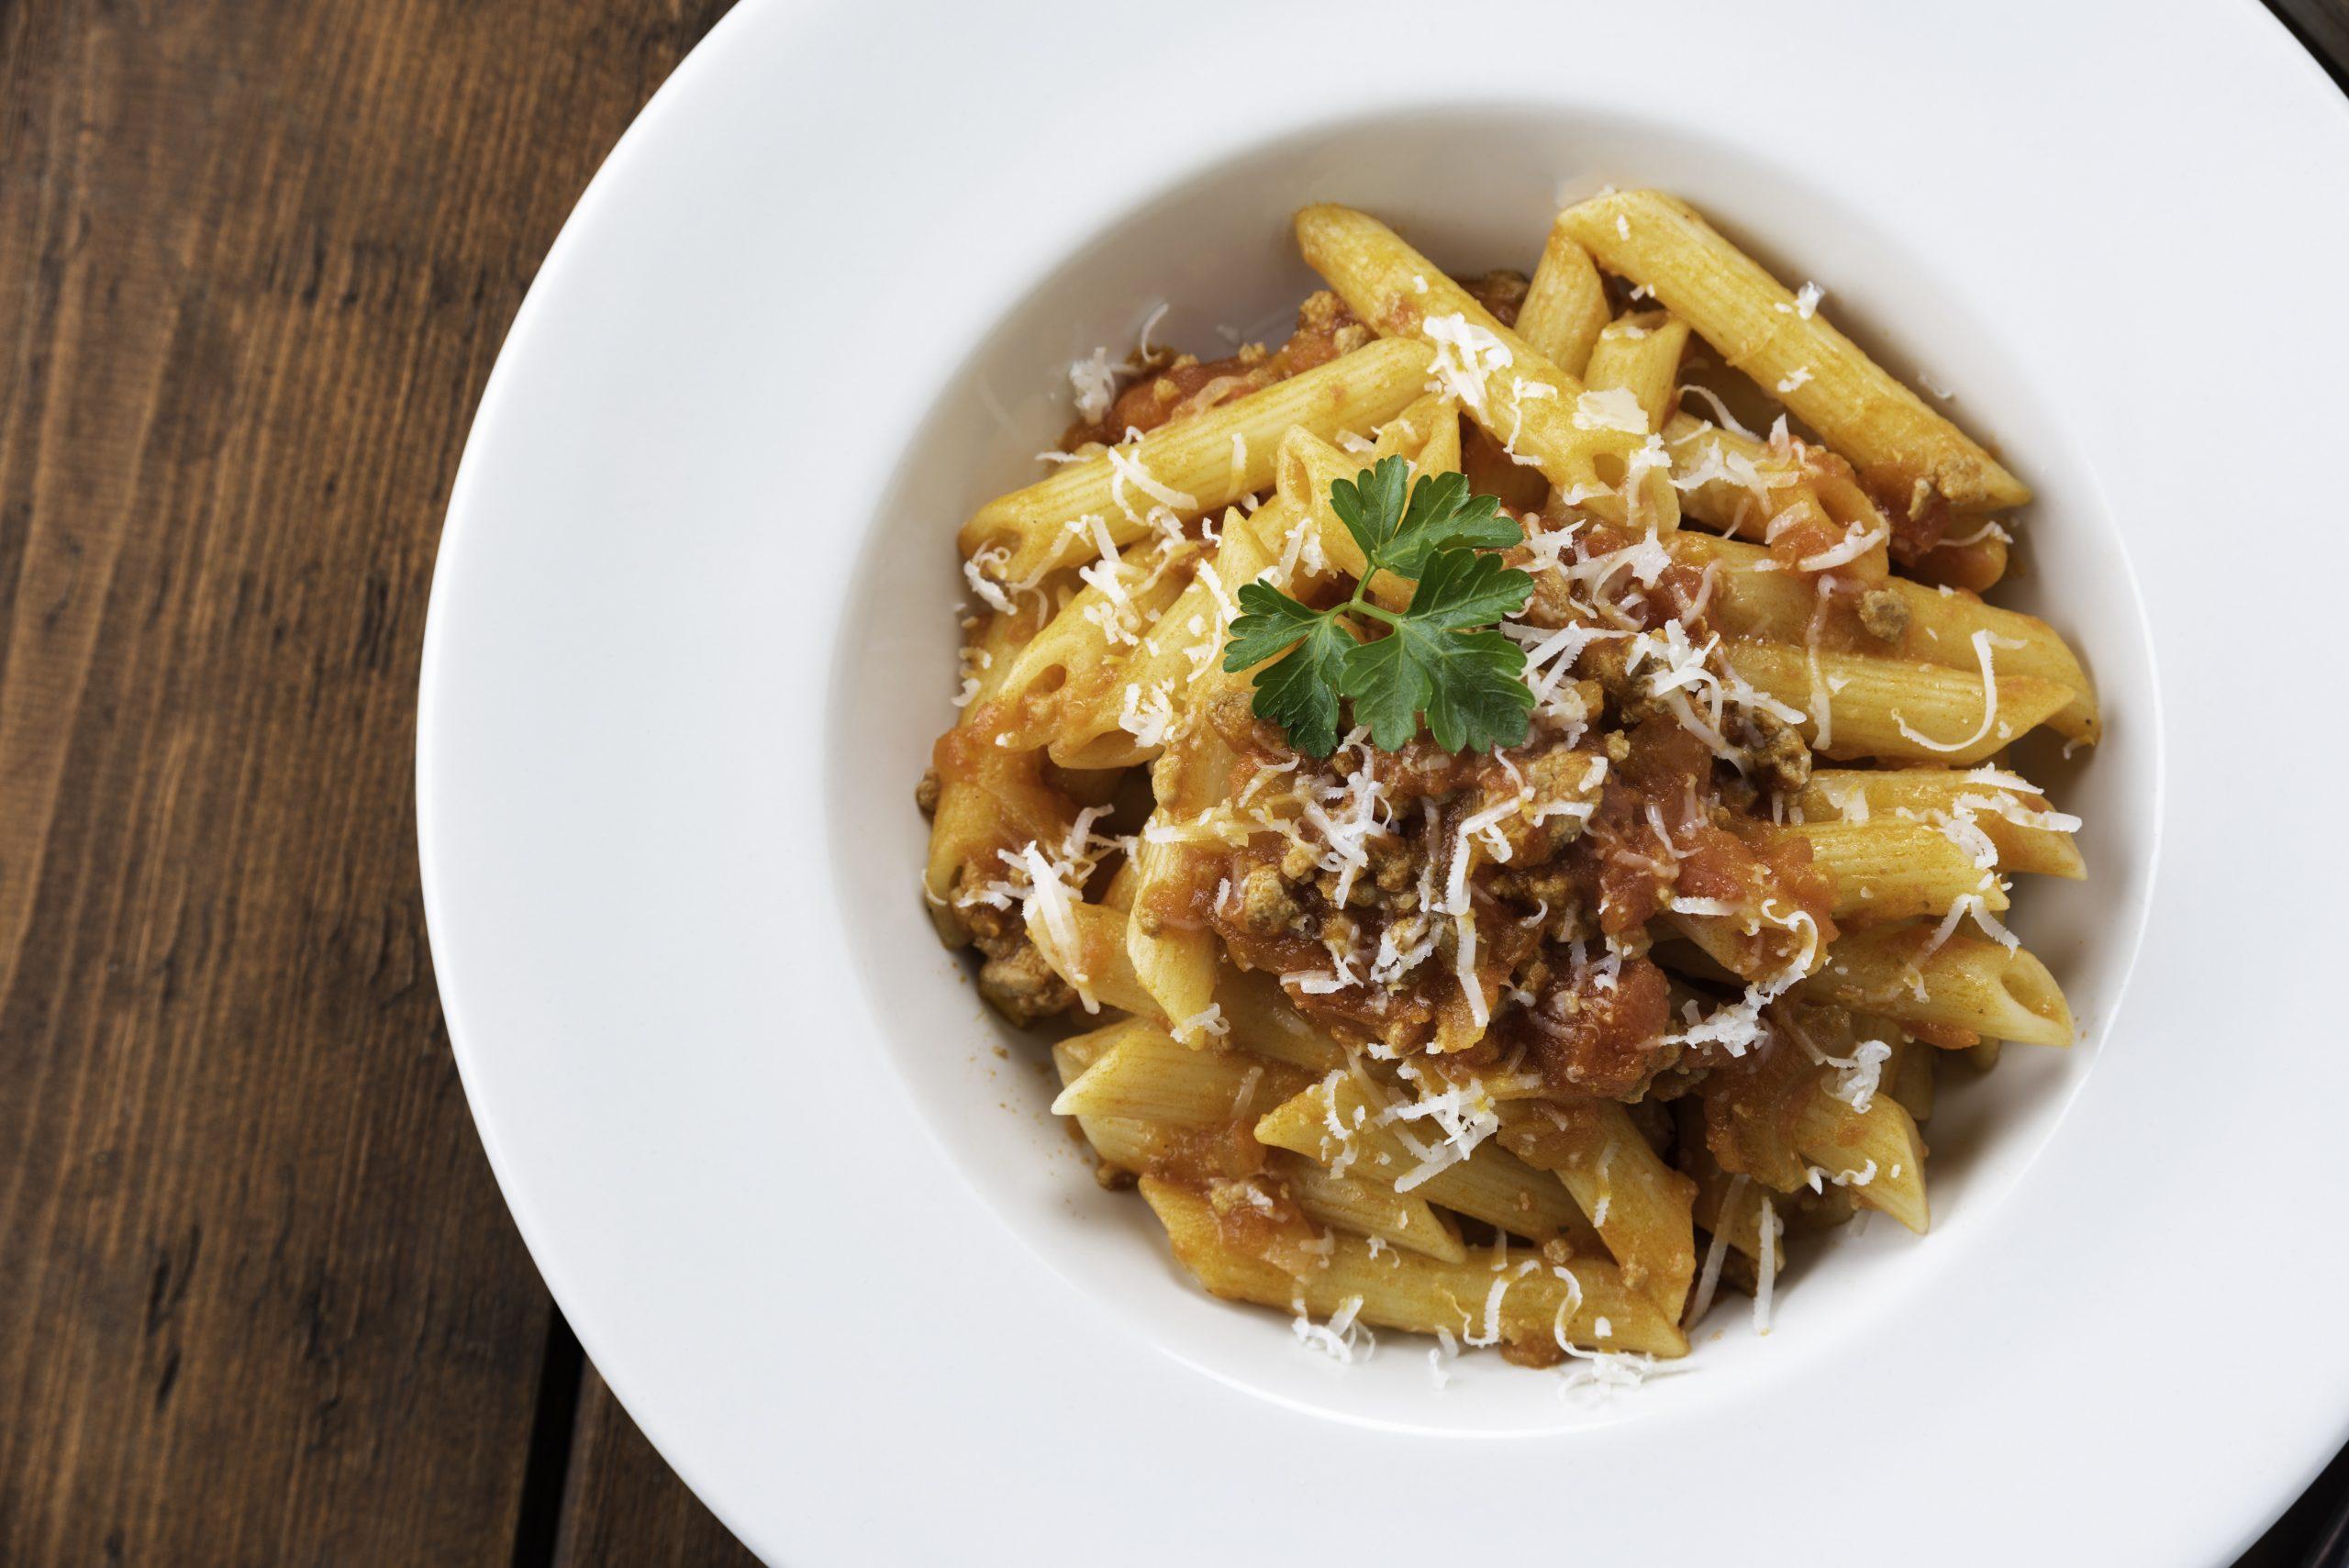 Piatto di deliziose penne con ragu alla bolognese, Cucina Italiana